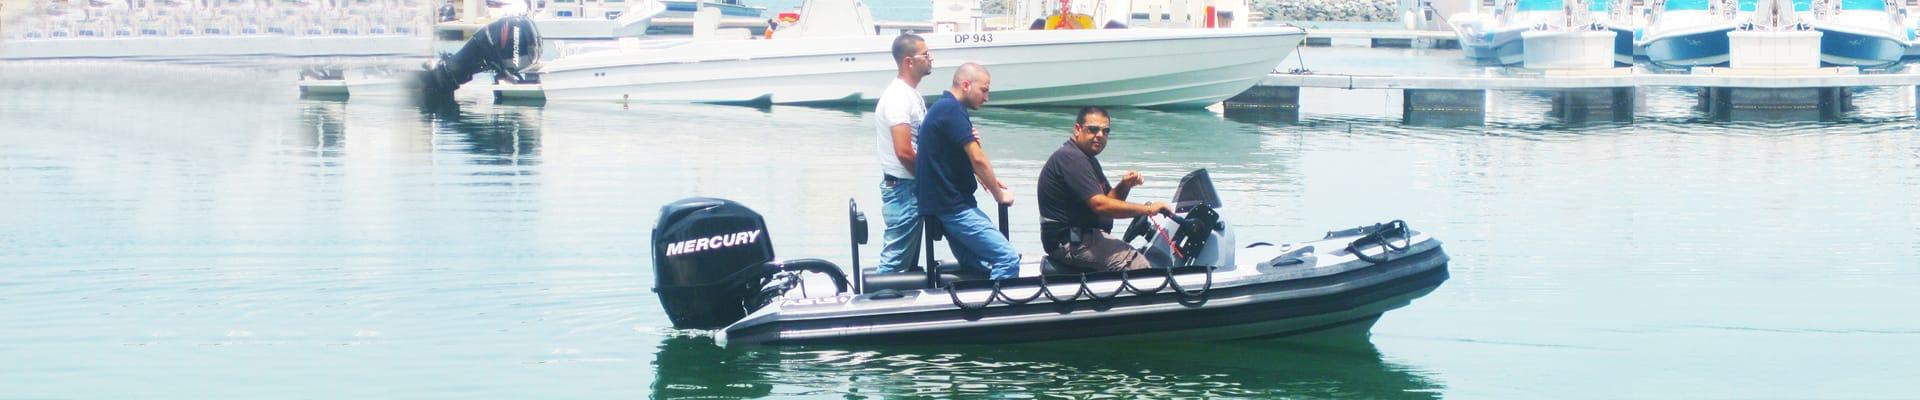 navy-boat-military-rhib